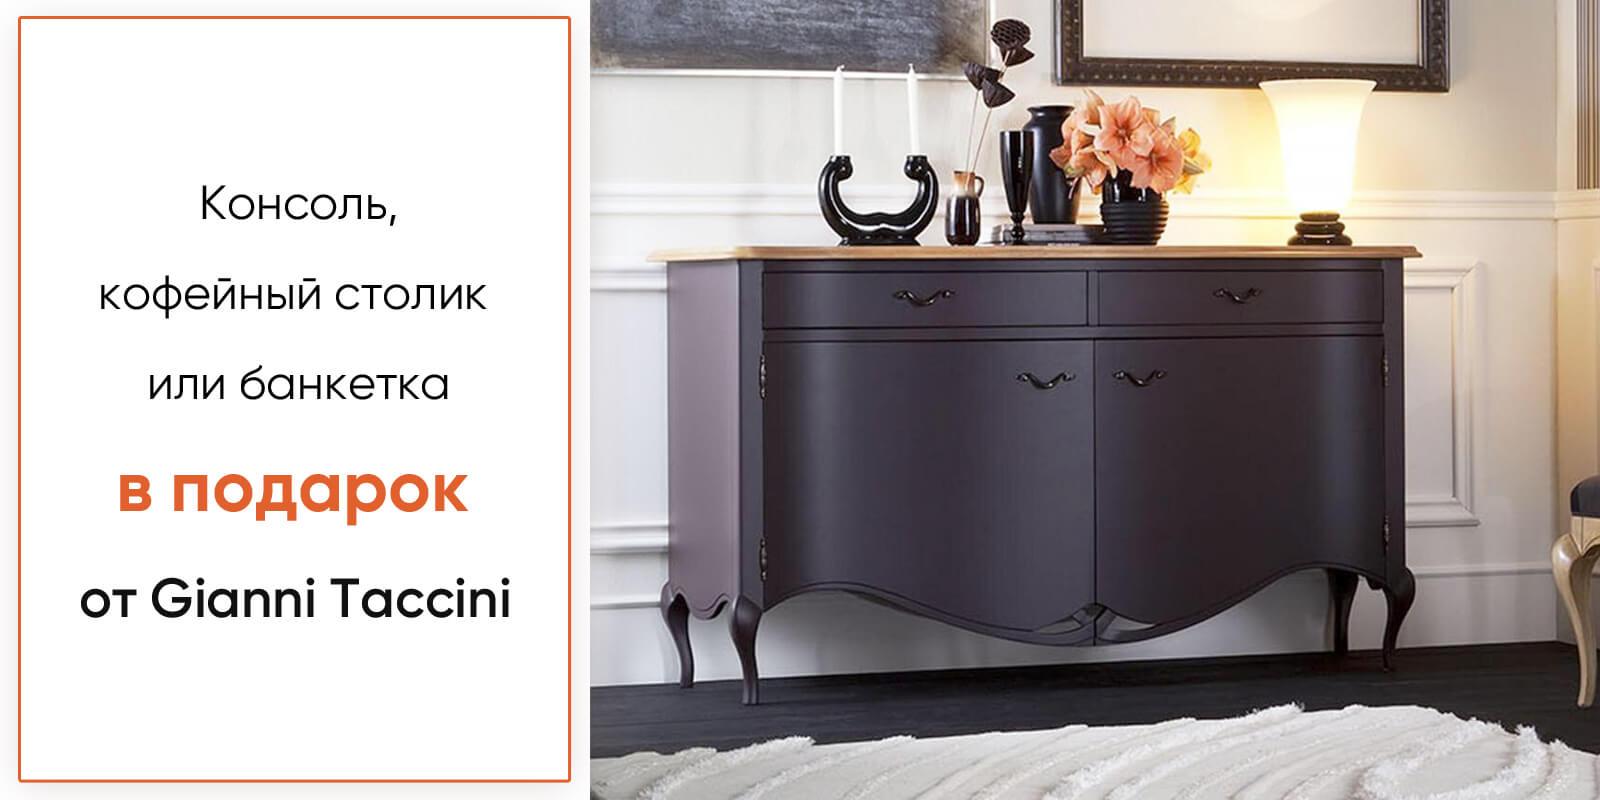 Консоль, кофейный столик или банкетка в подарок от Gianni Taccini